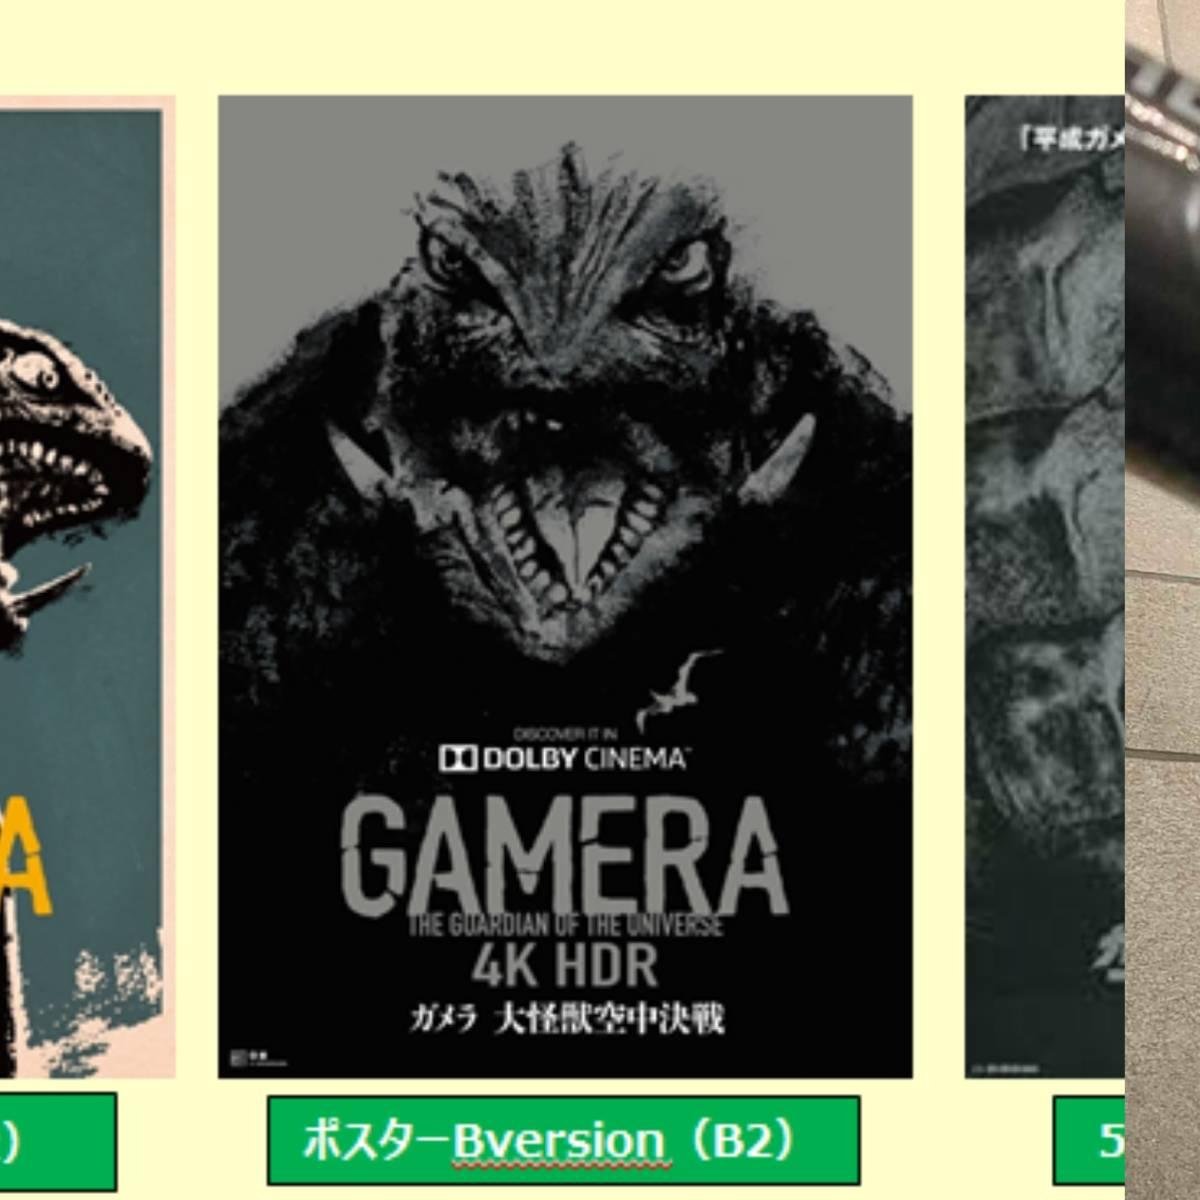 ガメラ生誕55周年記念 上映劇場限定グッズ B2ポスター Bバージョン_画像1